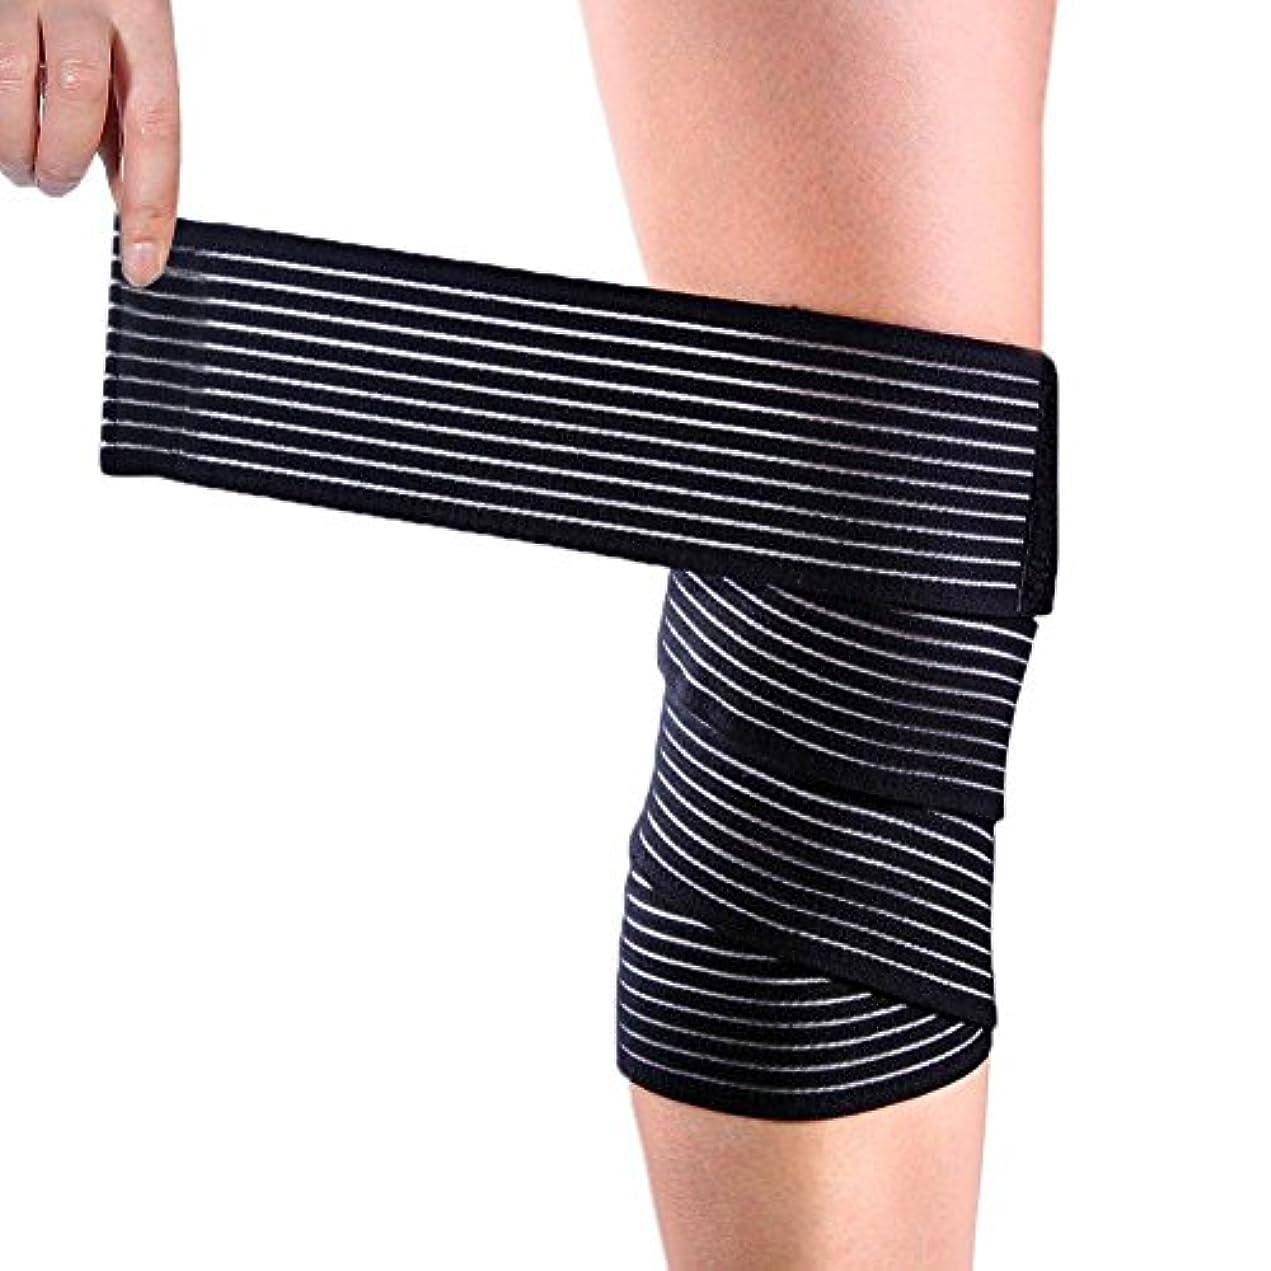 膝包帯ラップ、圧迫足ブレースサポート